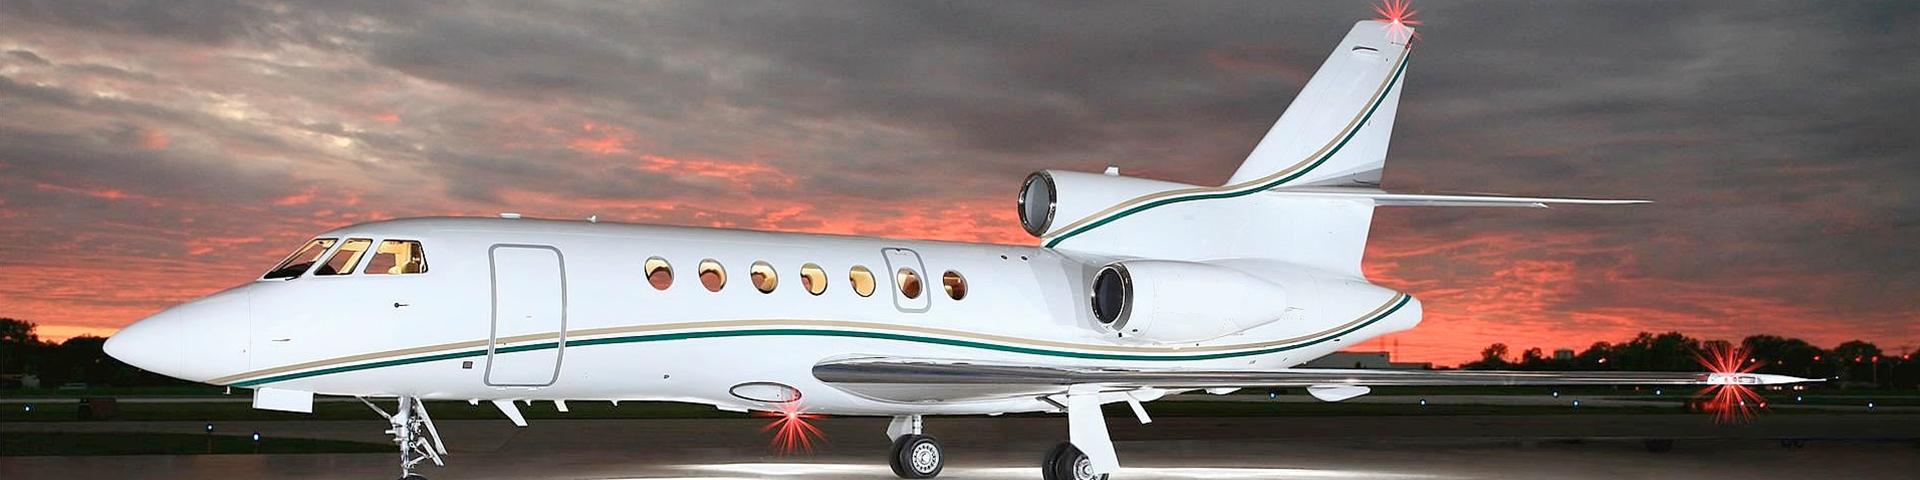 Falcon 50EX ext1 - Falcon 50 / 50EX Private Jet